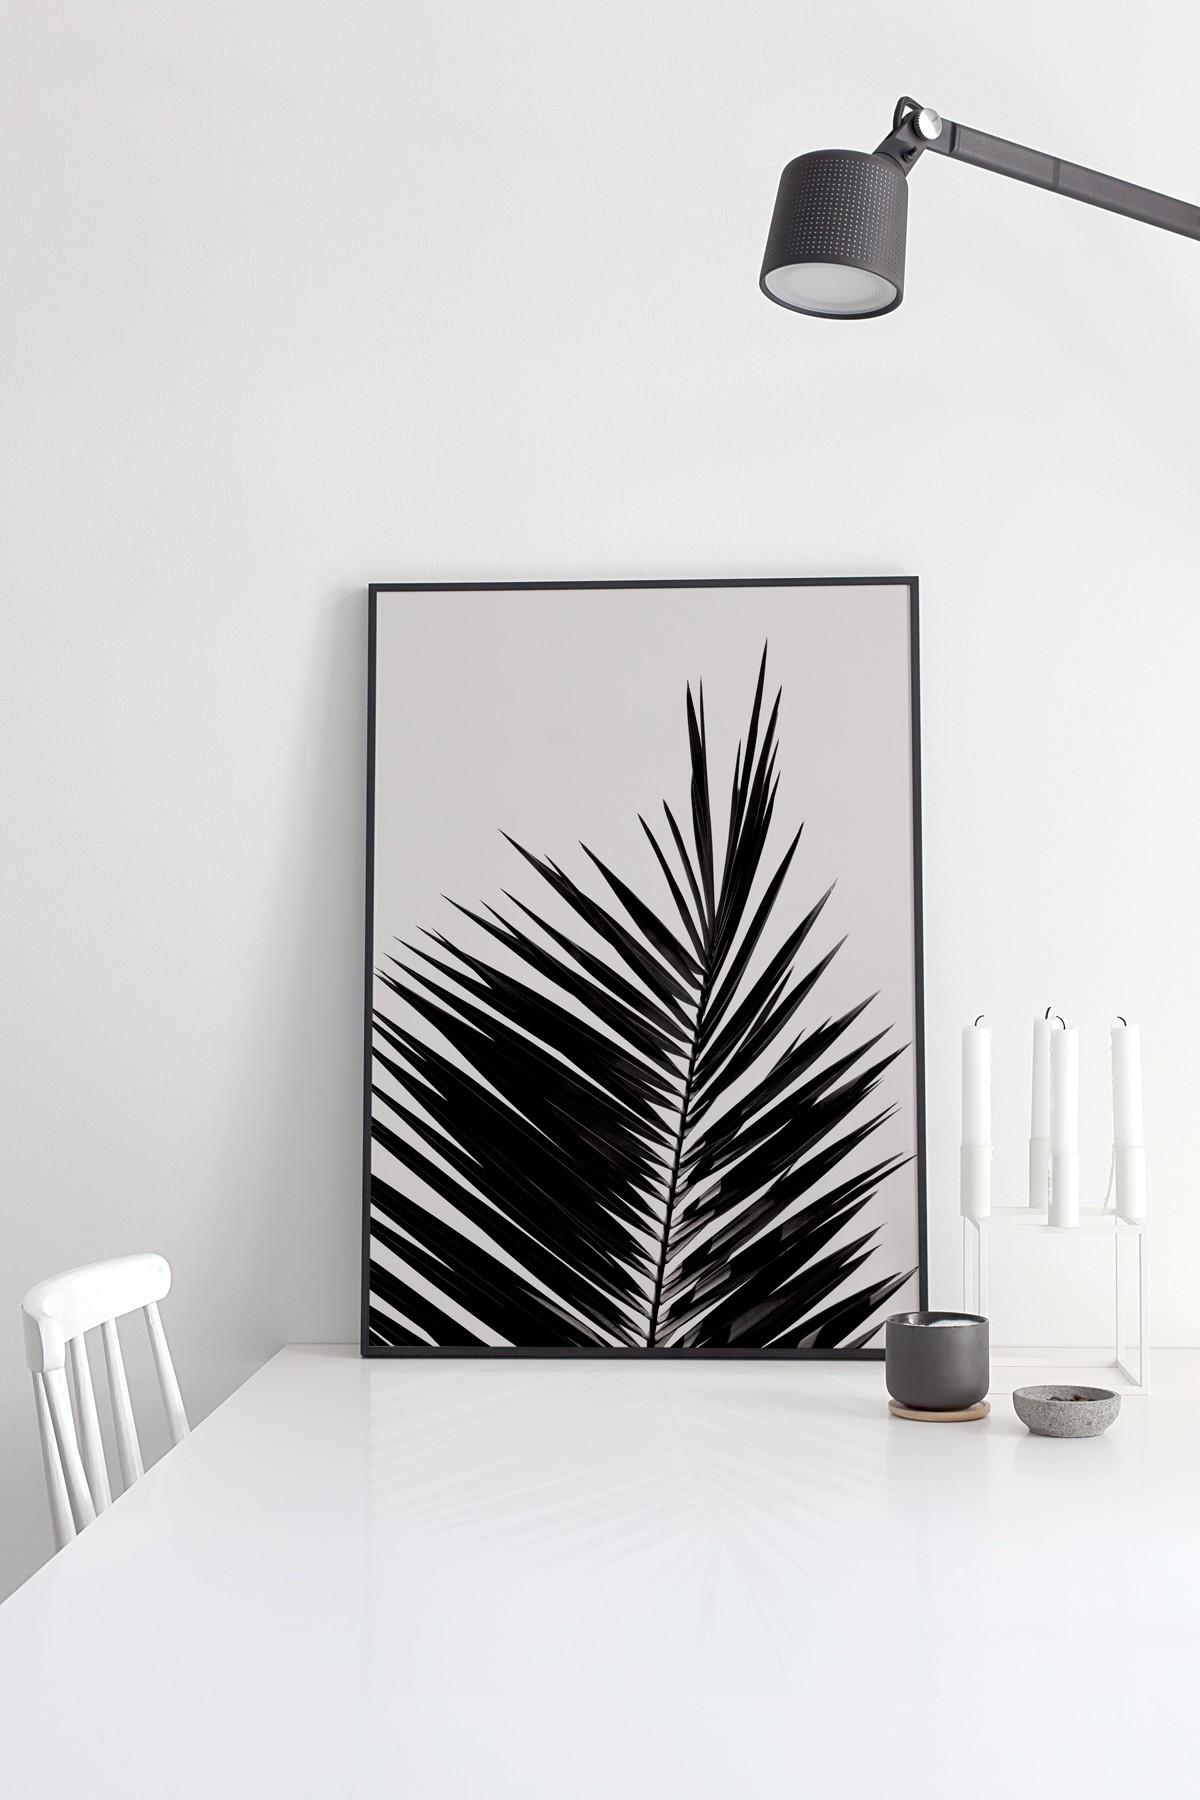 coco lapine design palm leaf print. Black Bedroom Furniture Sets. Home Design Ideas